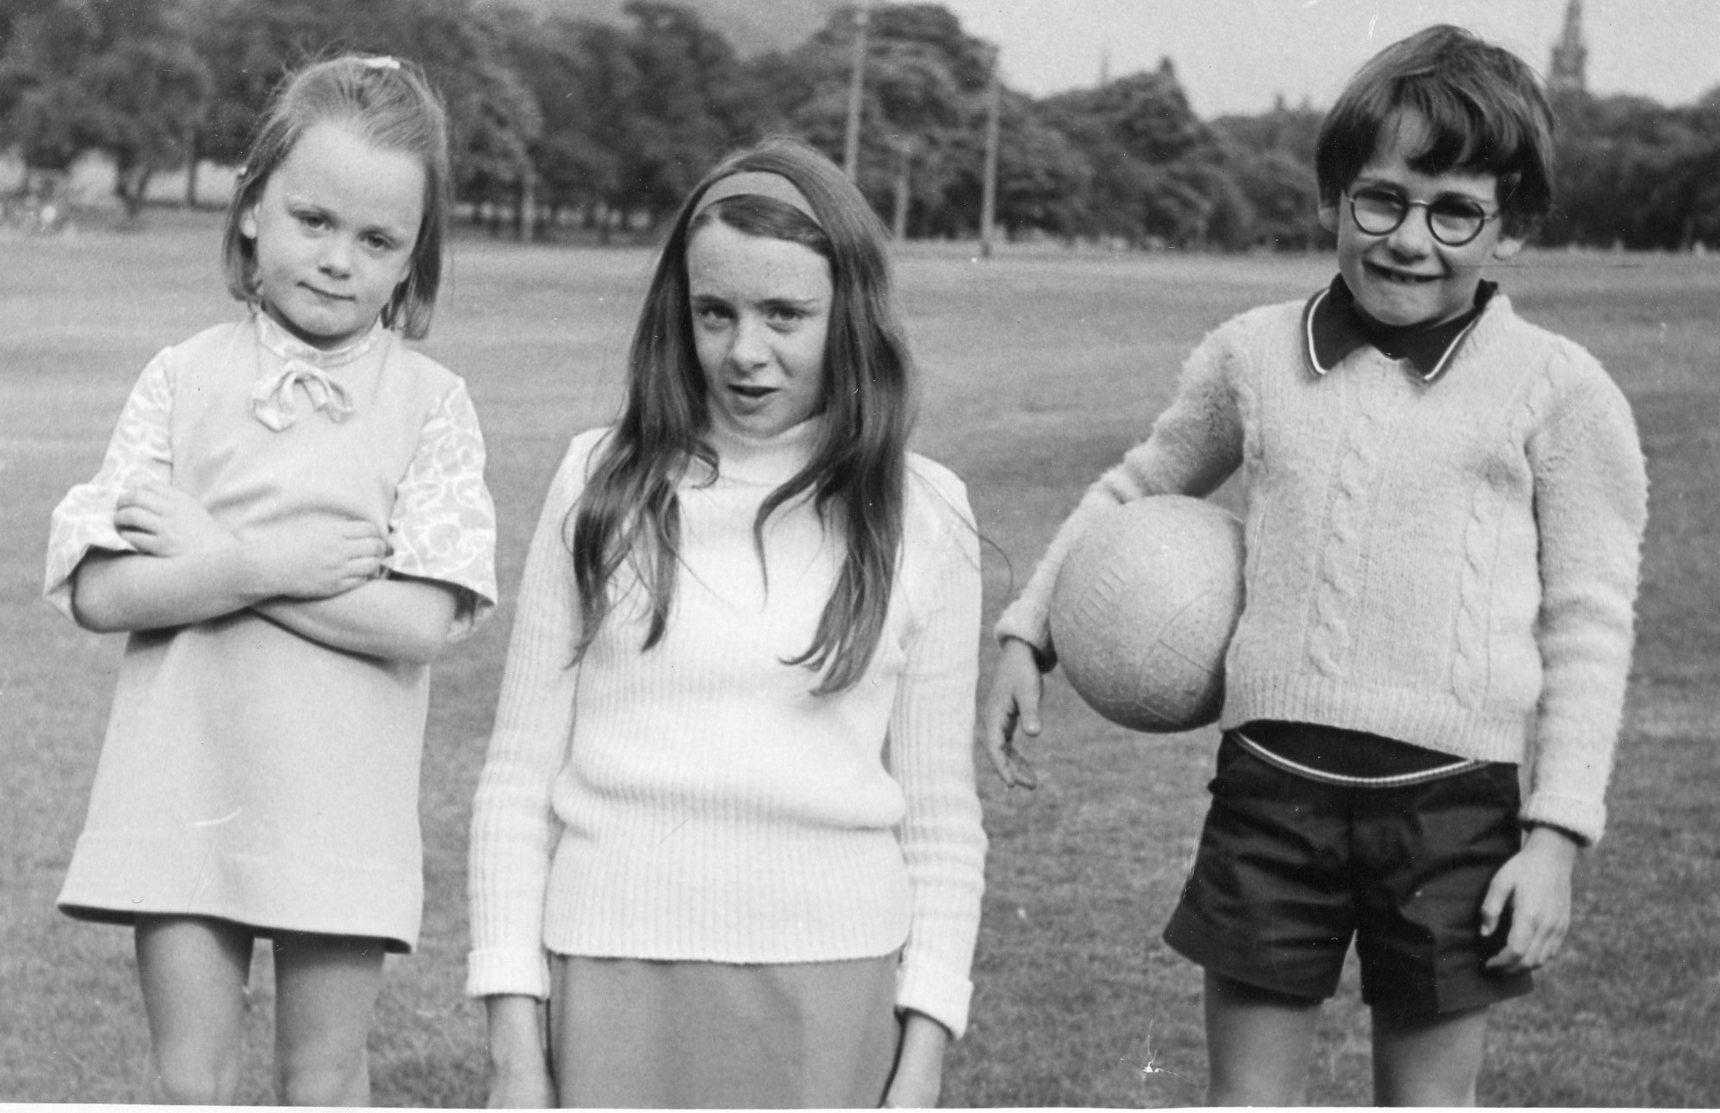 Group photo of three children, Oxgangs